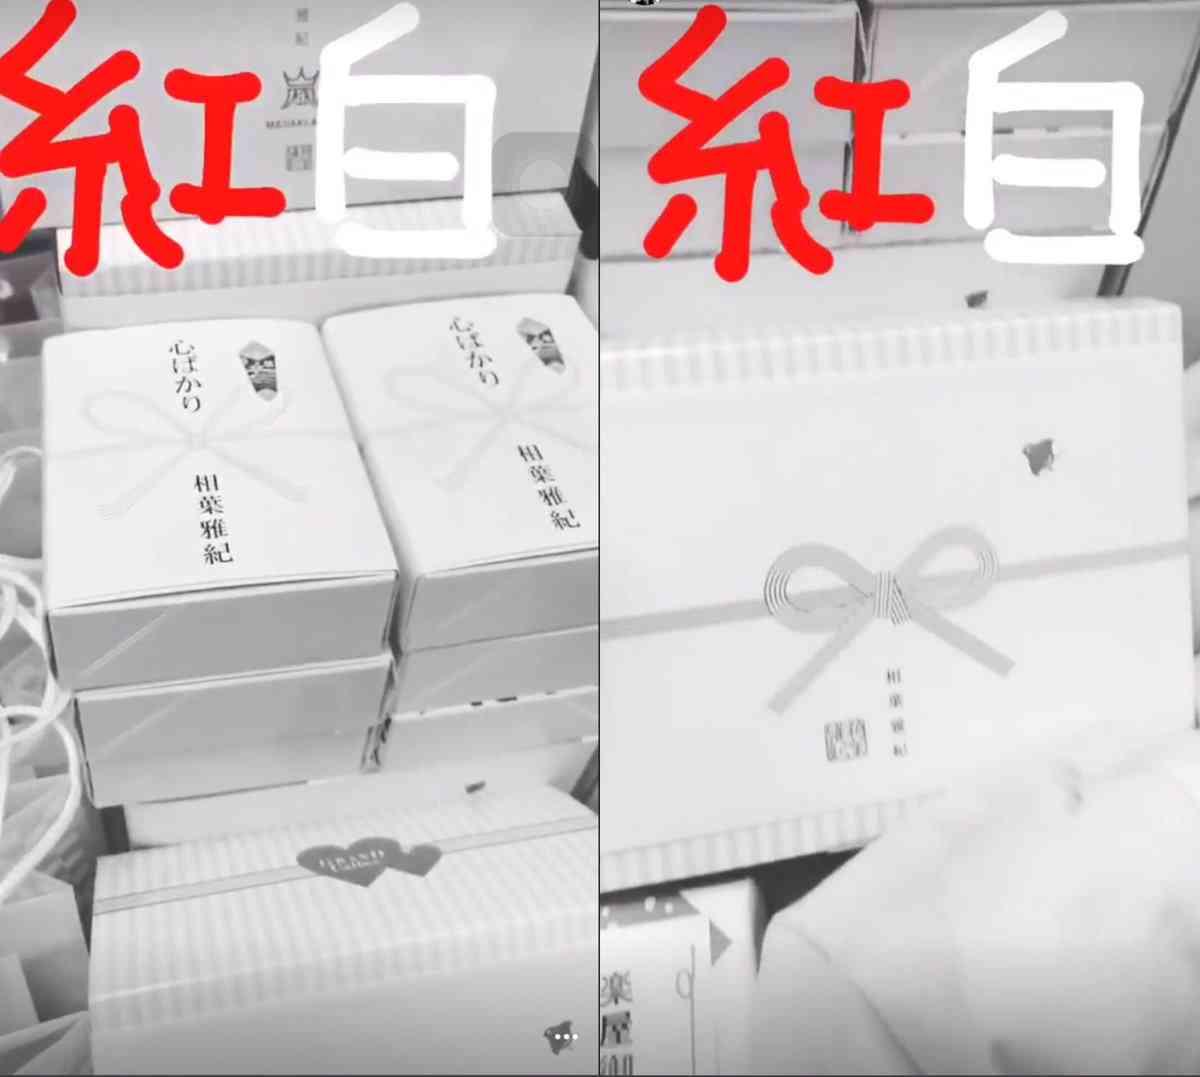 オリエンタルラジオ中田敦彦、紅白の差し入れに驚嘆「完全にのまれてた」